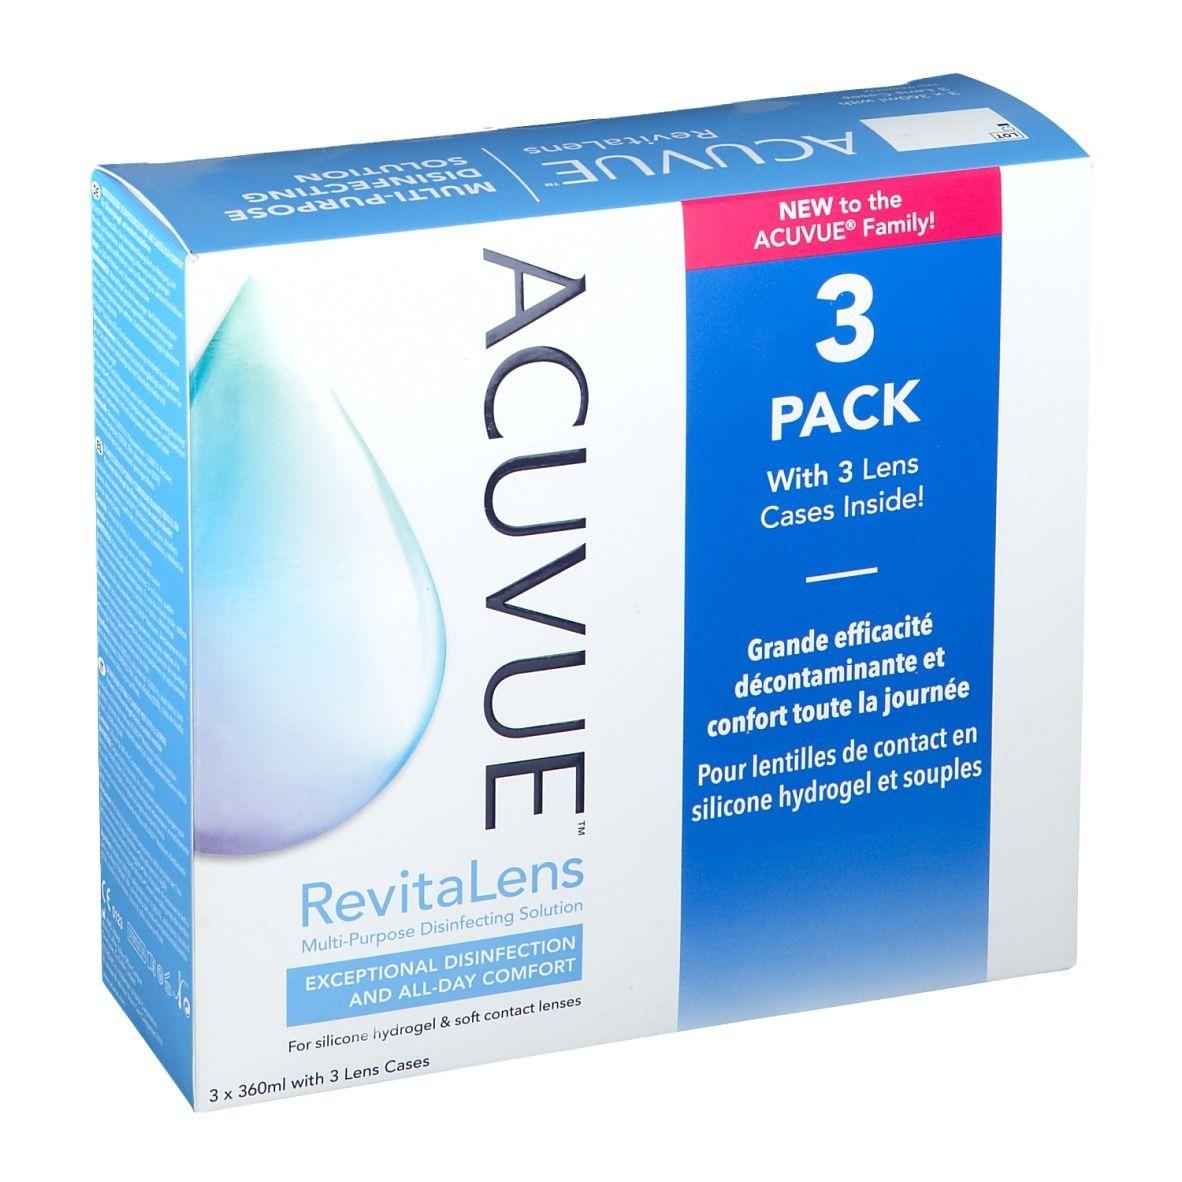 ACUVUE™ RevitaLens Trio + 3 Lense Cases